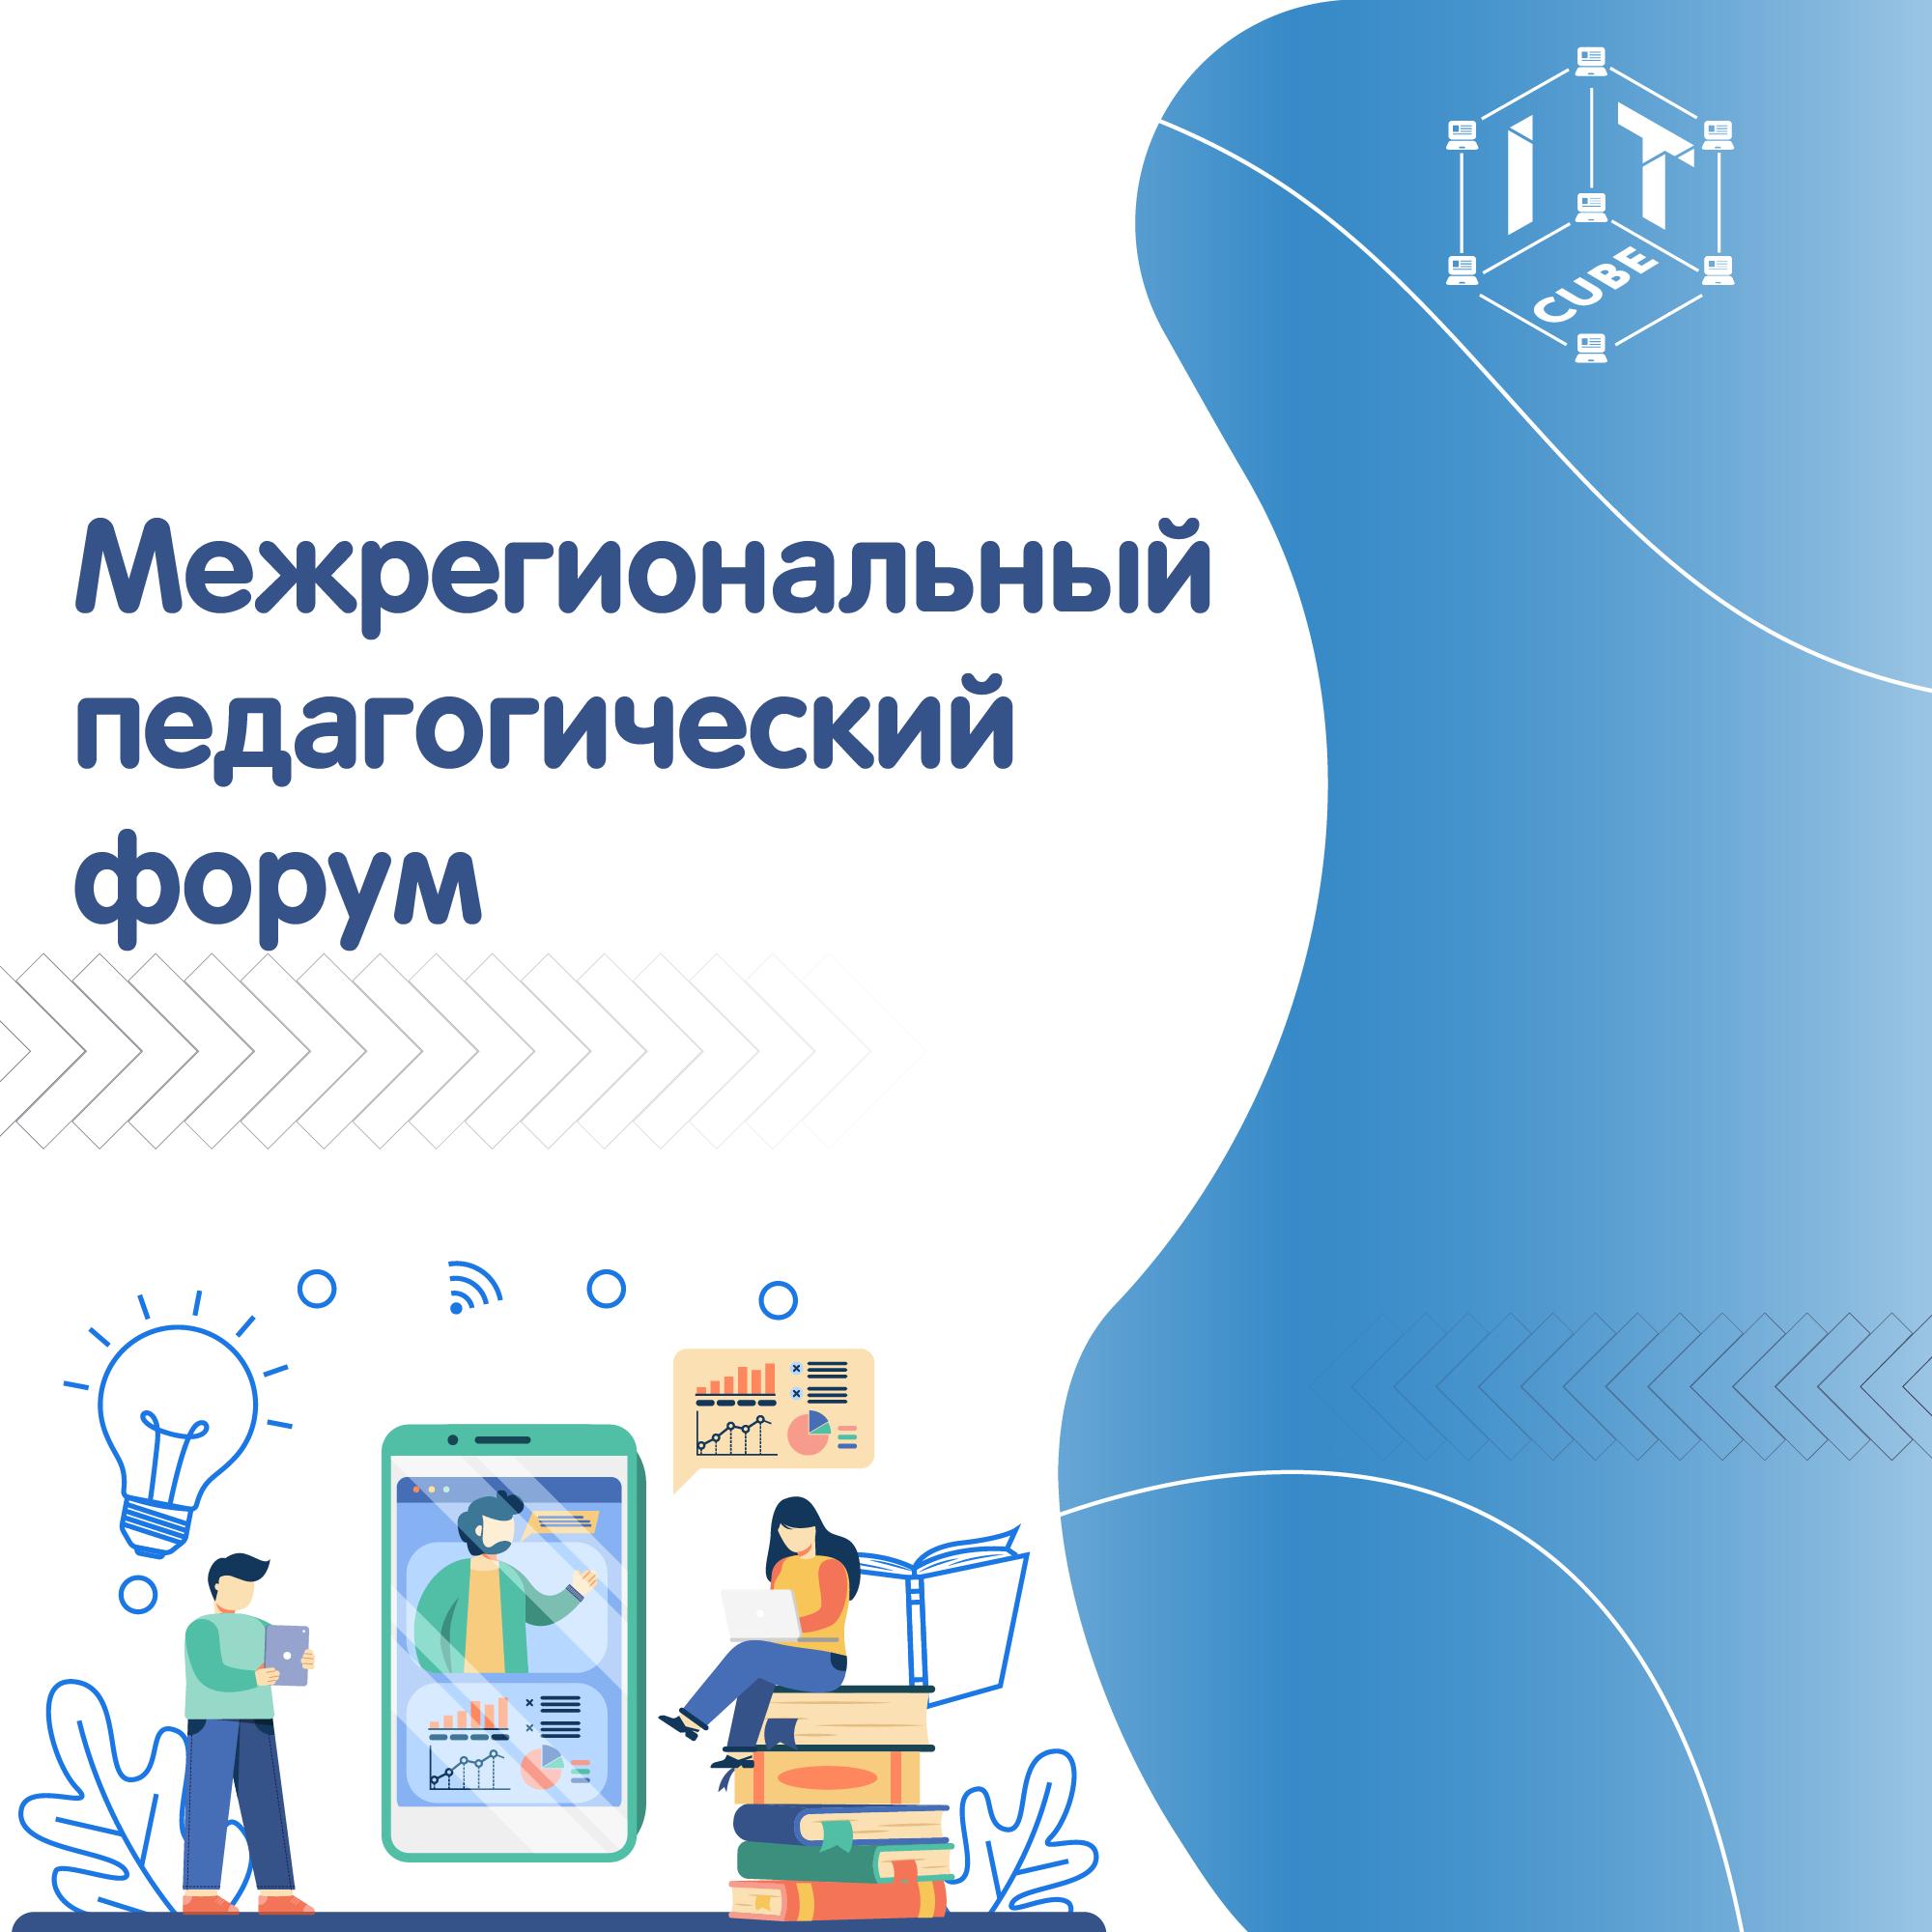 Межрегиональный педагогический форум